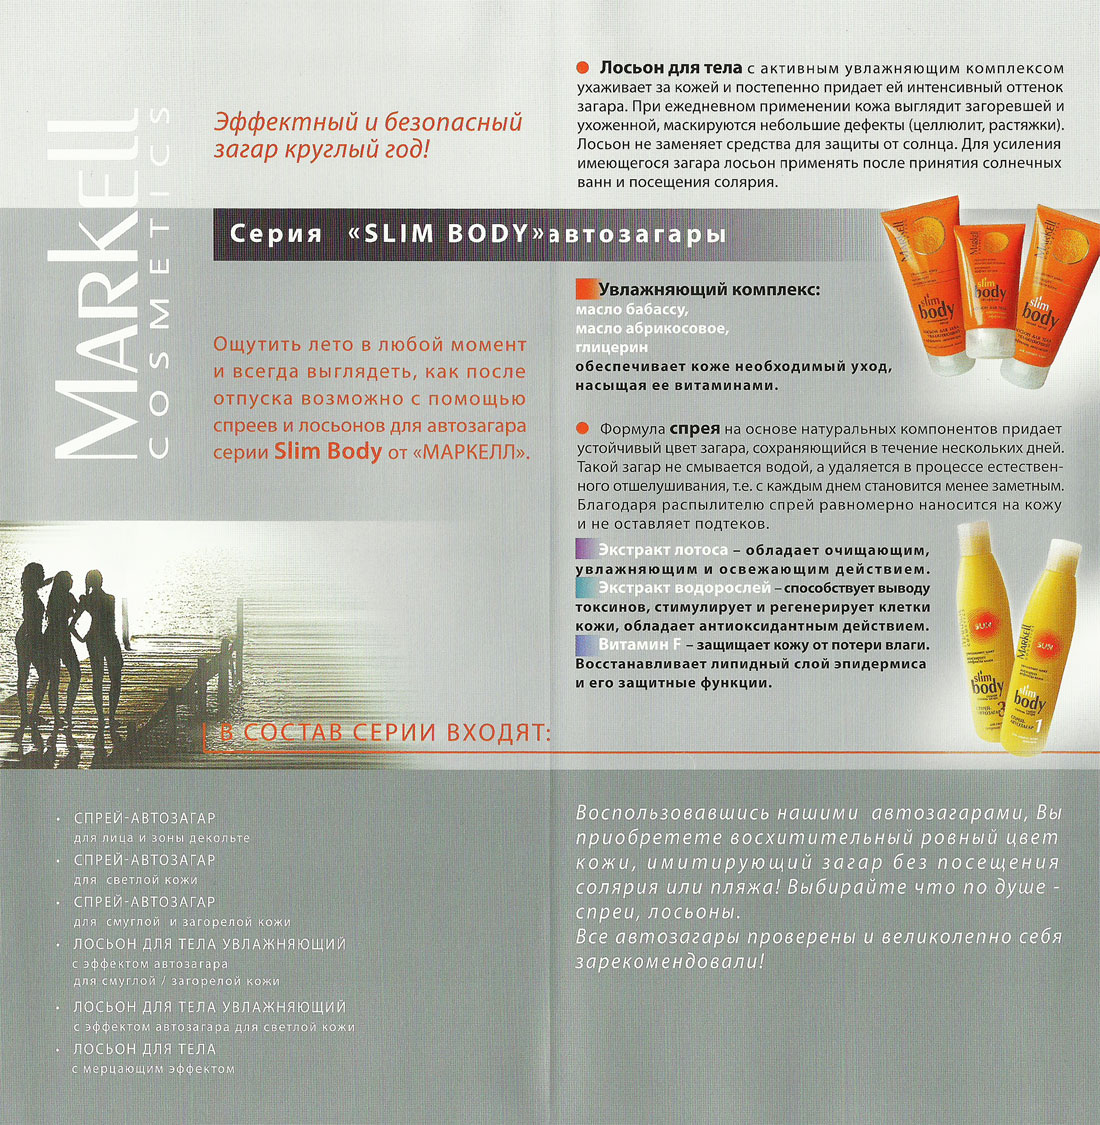 Спрей-автозагар, Лосьон для тела увлажняющий